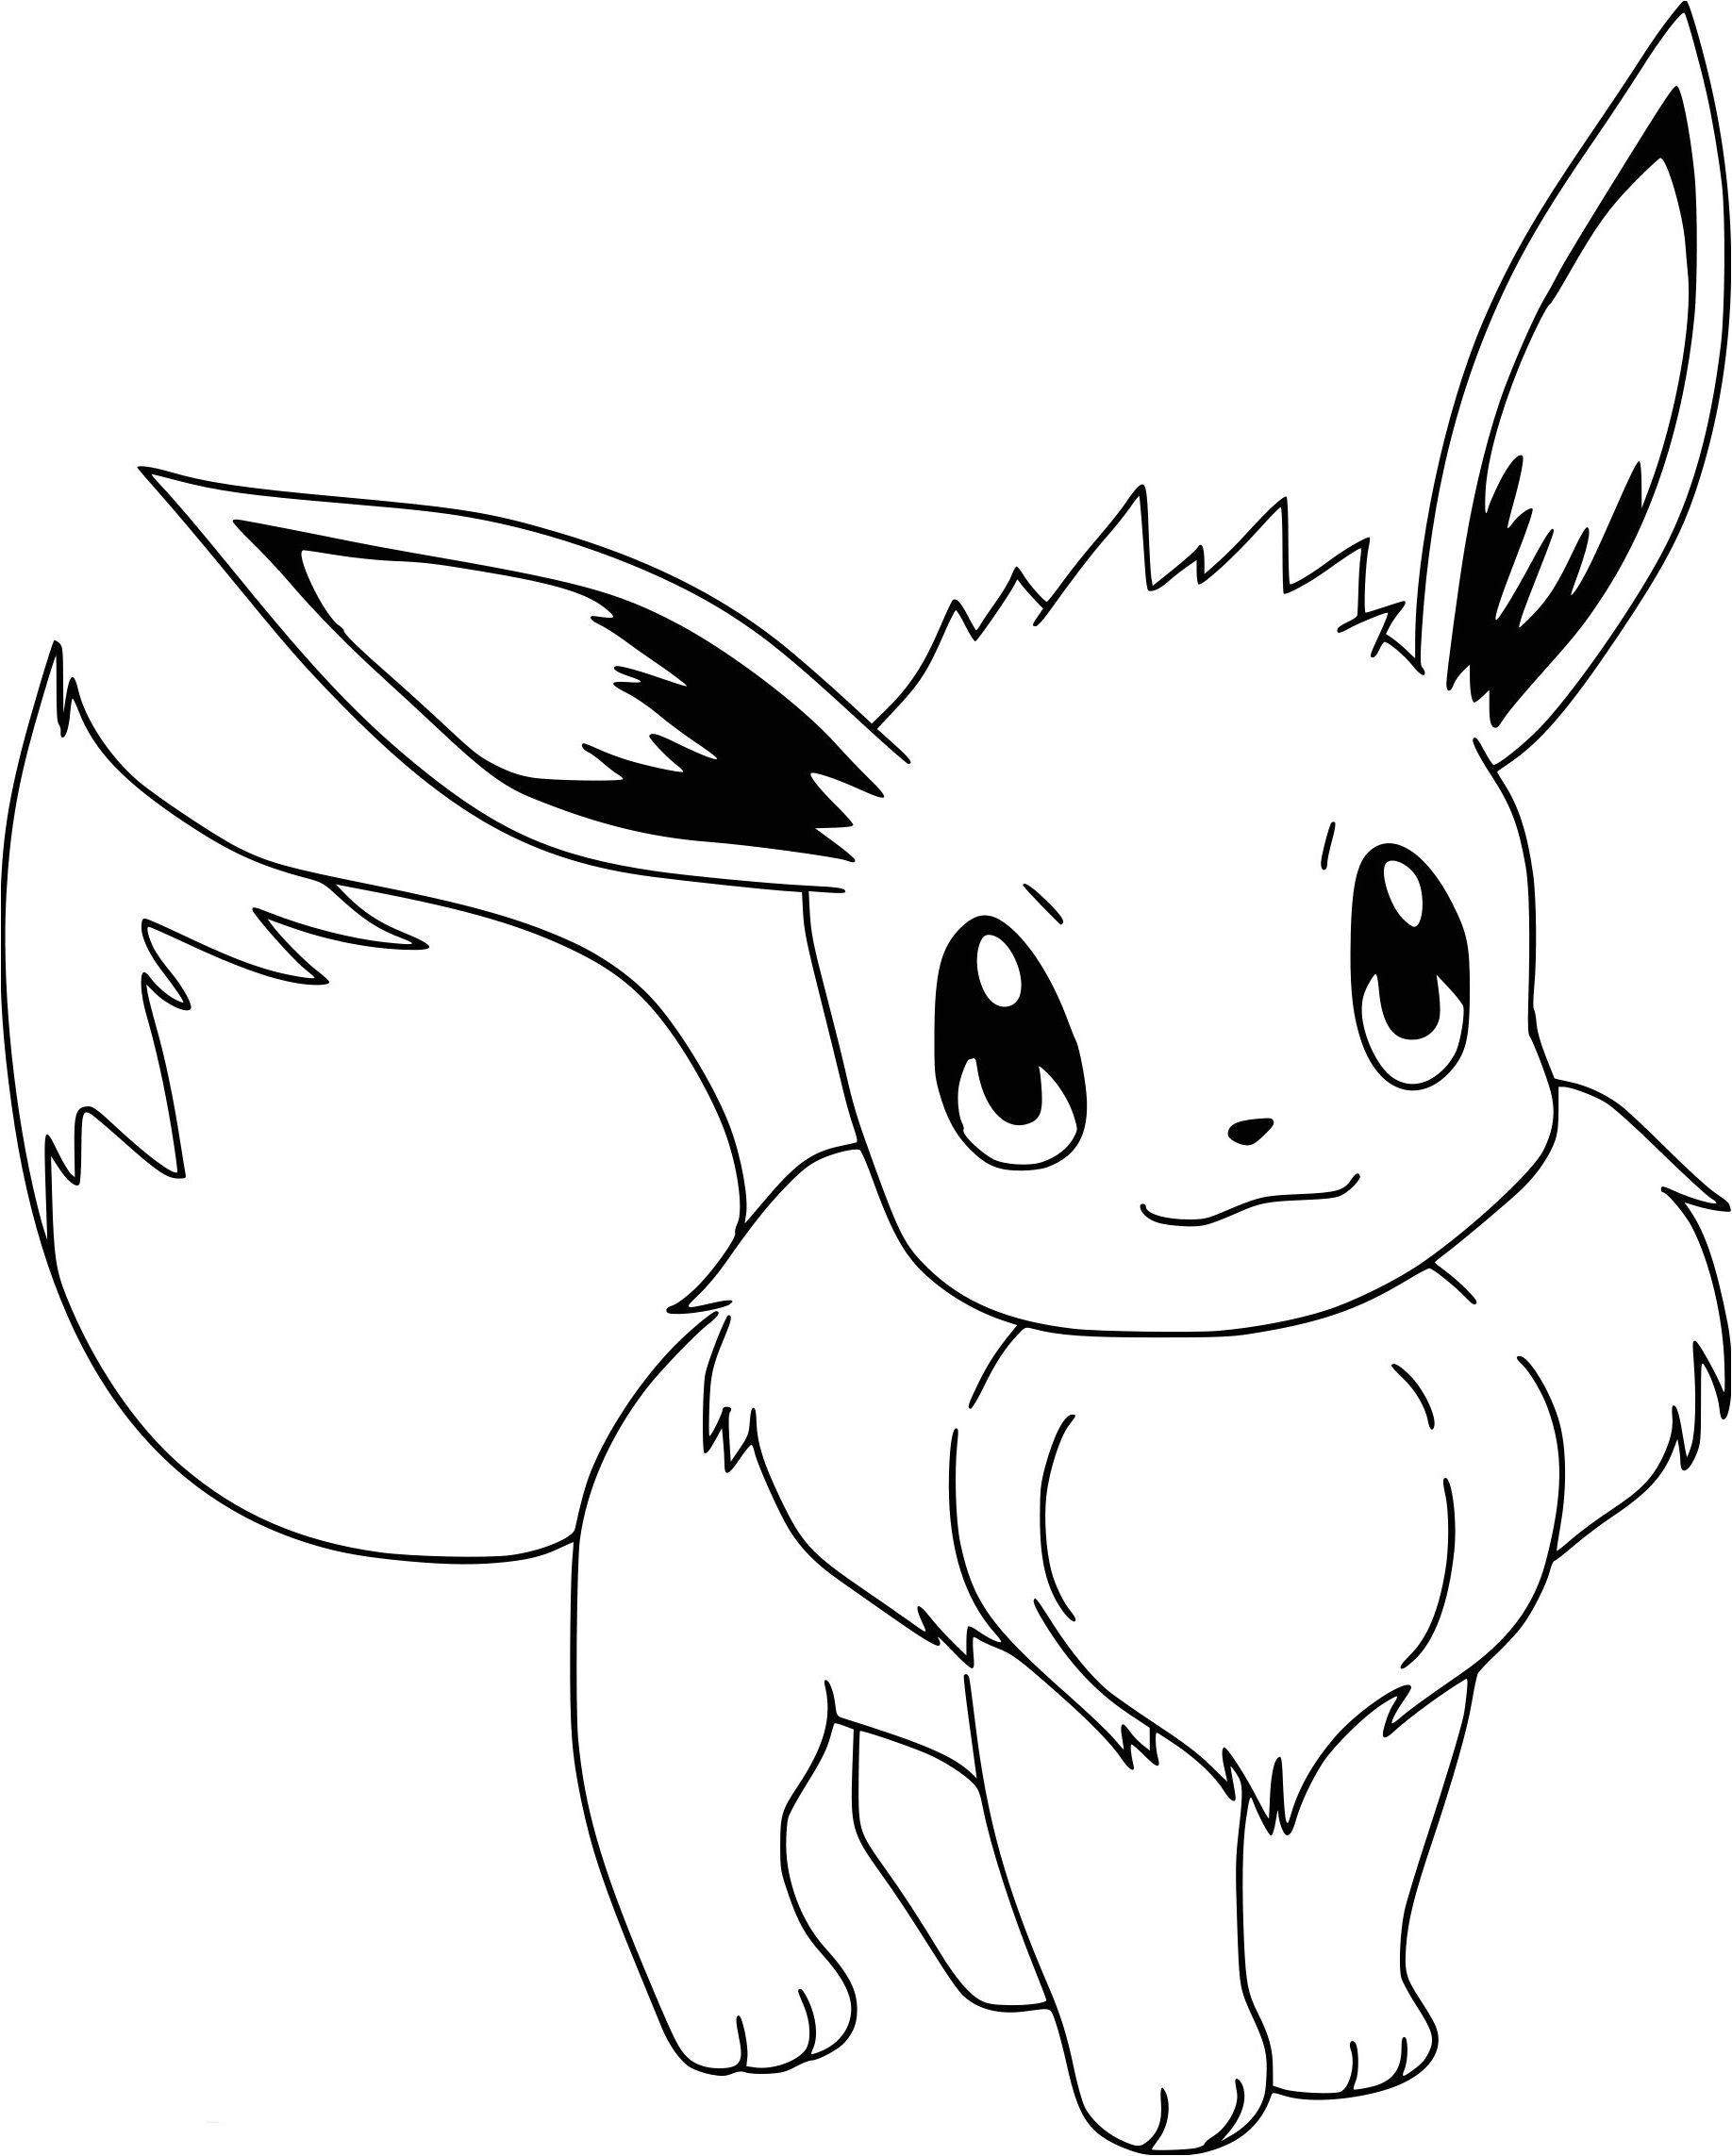 10 Nouveau De Coloriage De Pokemon Image En 2020 Coloriage Pokemon Dessin Pokemon Coloriage